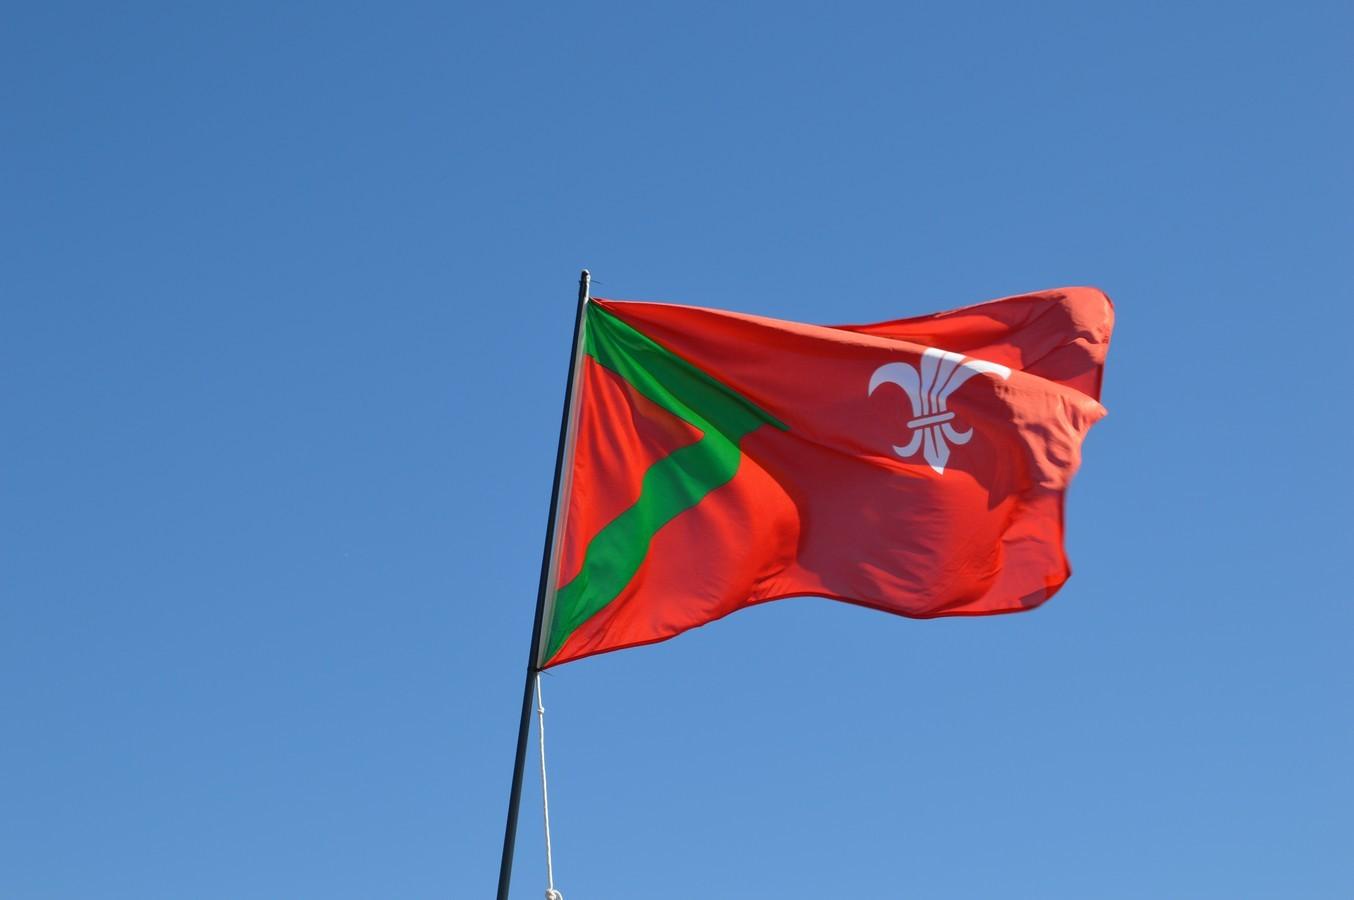 Rijsbergse vlag